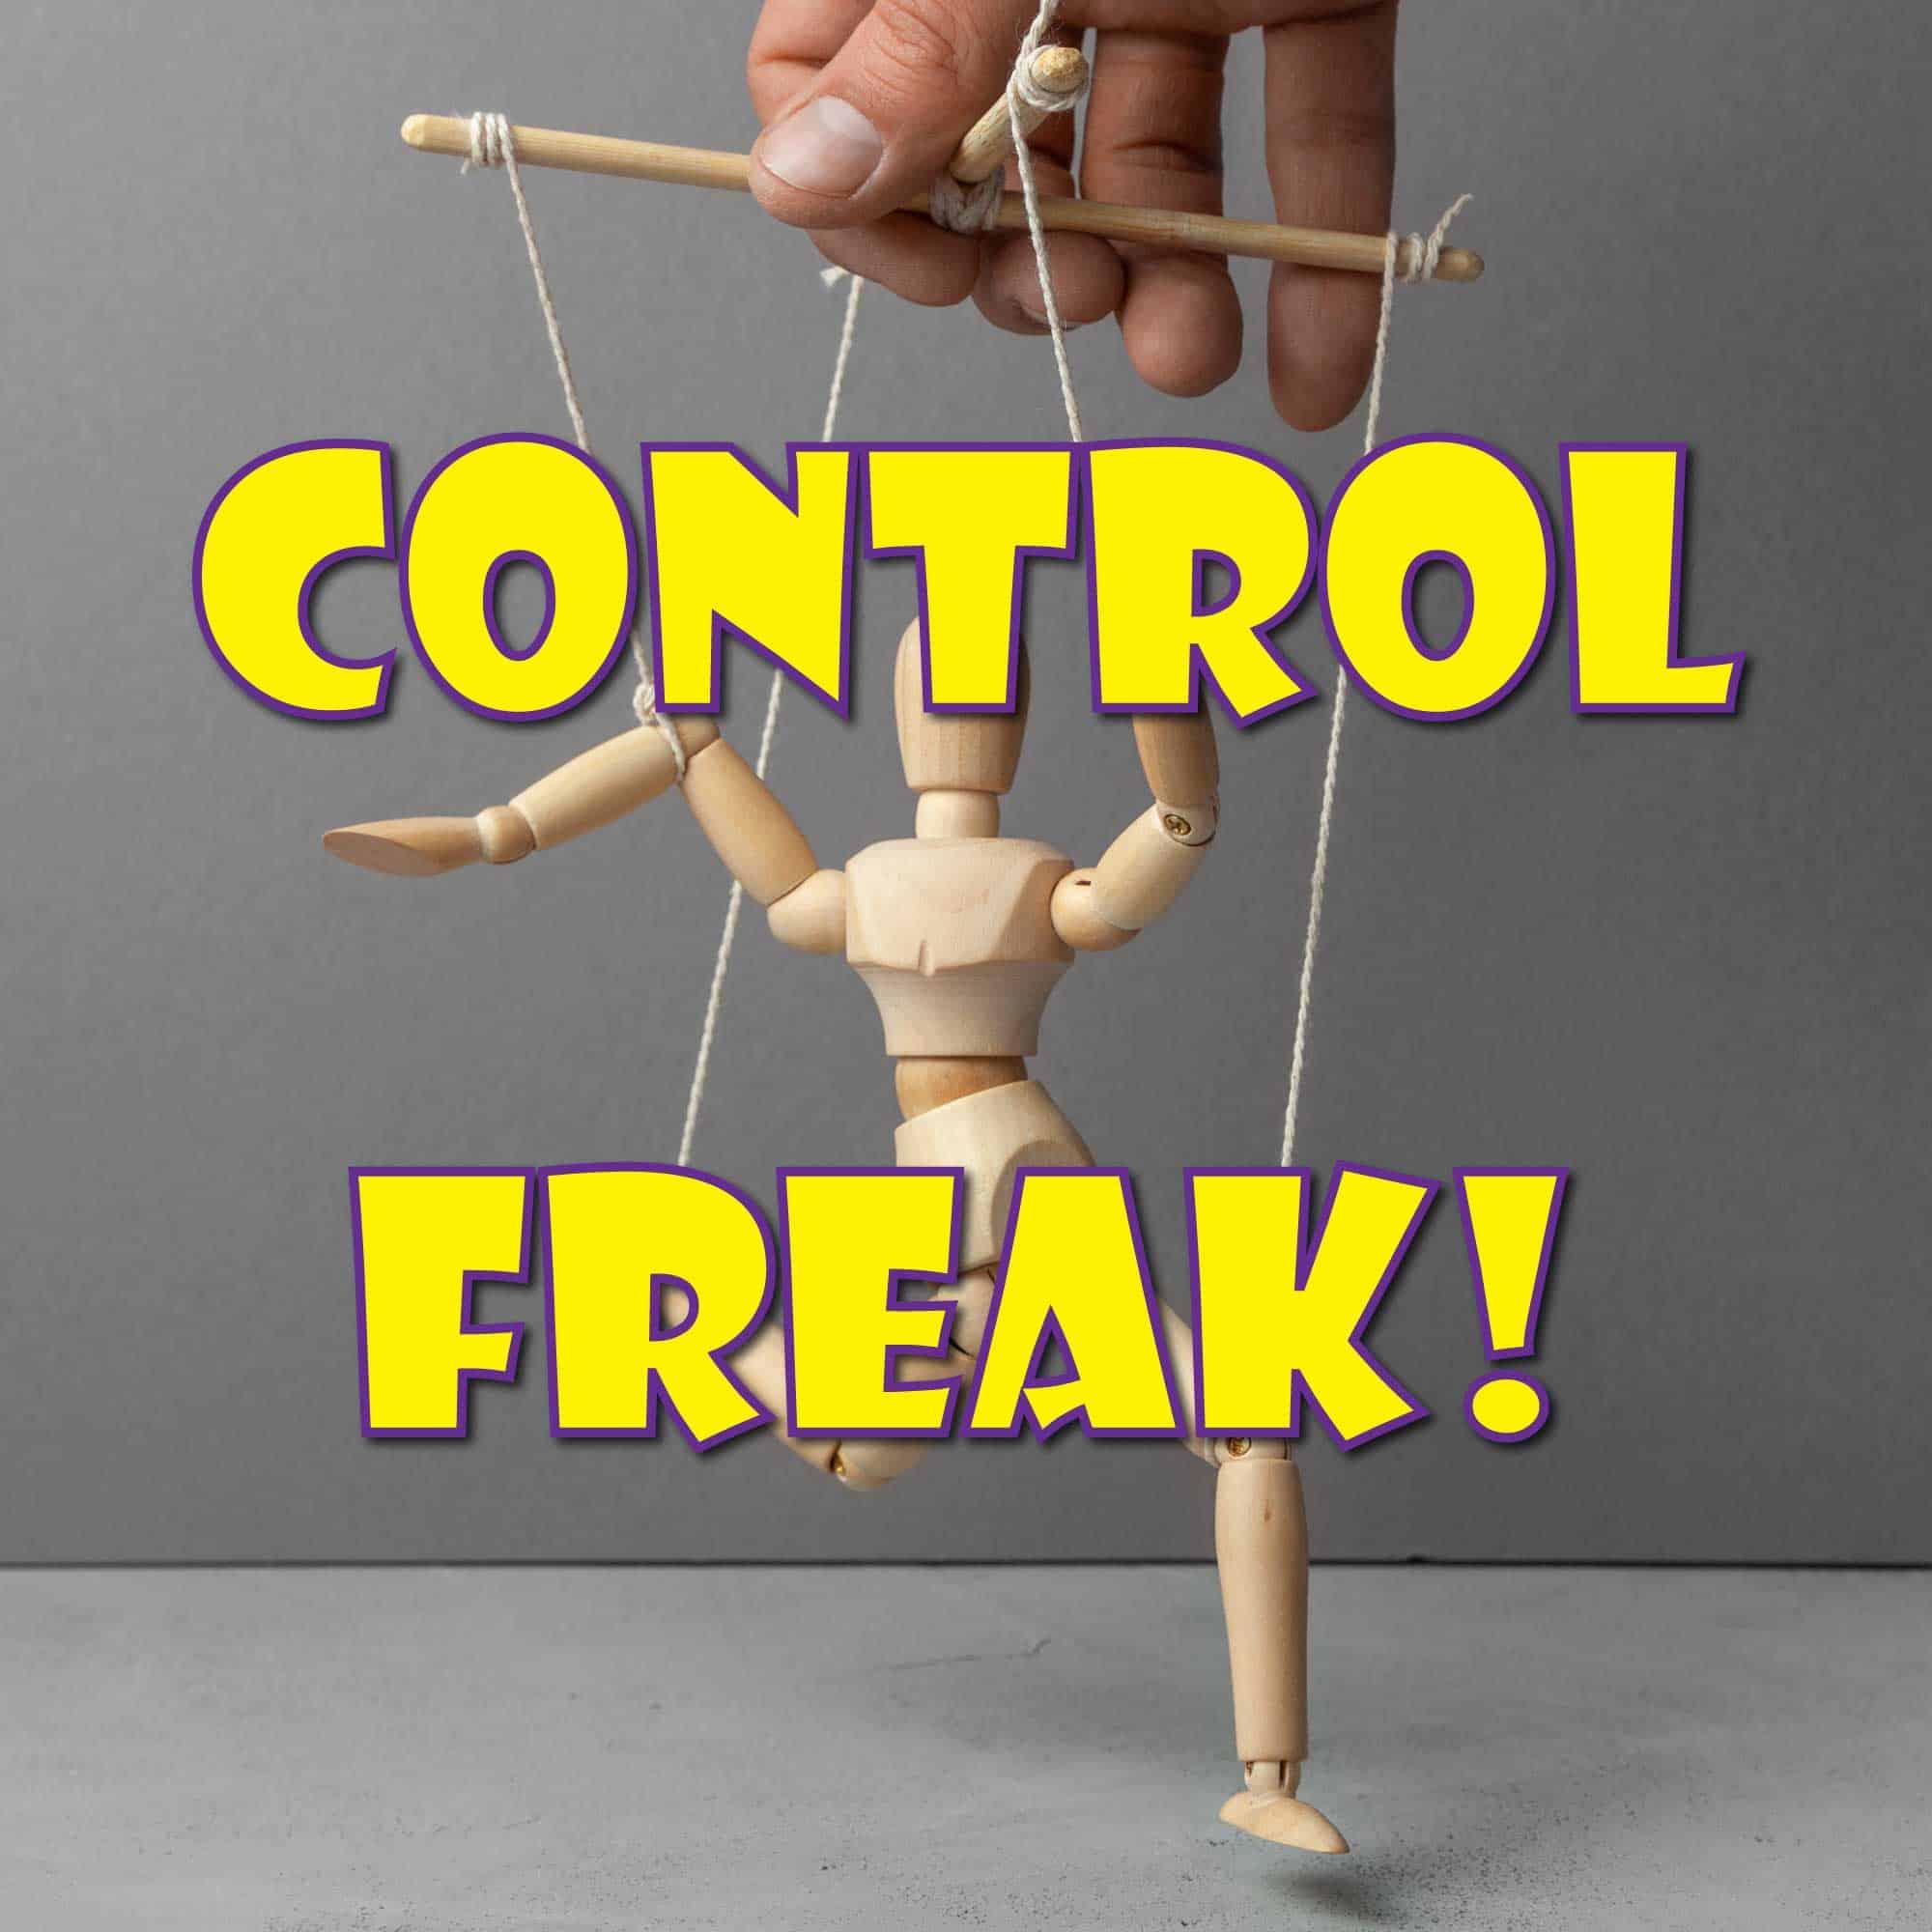 Control Freak!